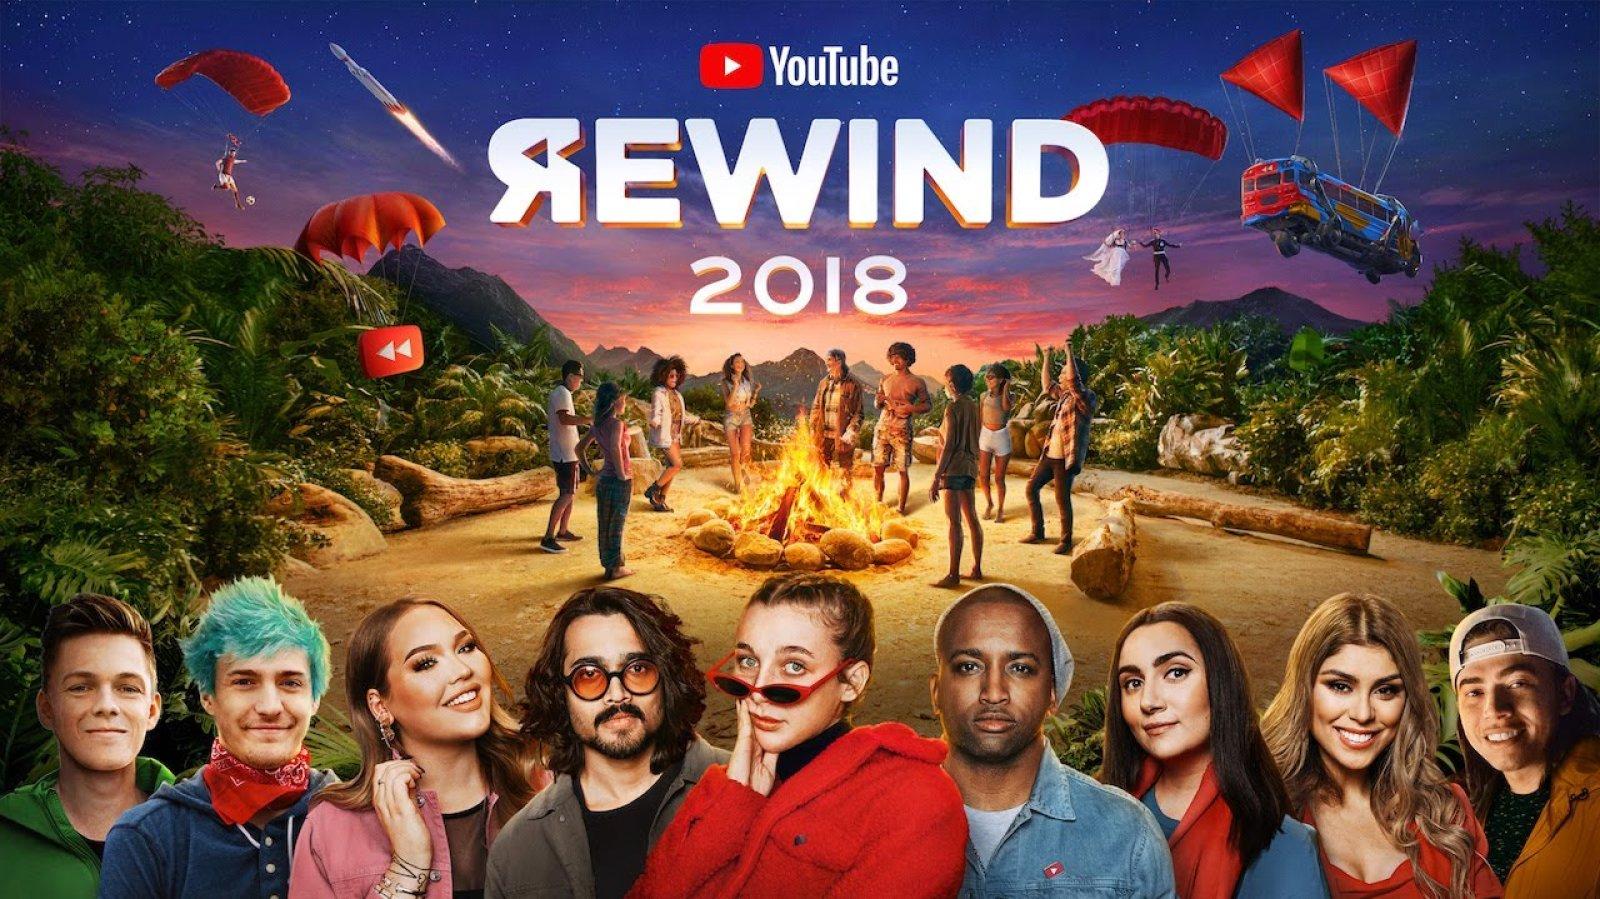 """Най-новото Rewind видео на YouTube, което обобщава """"клиповете, музиката и"""